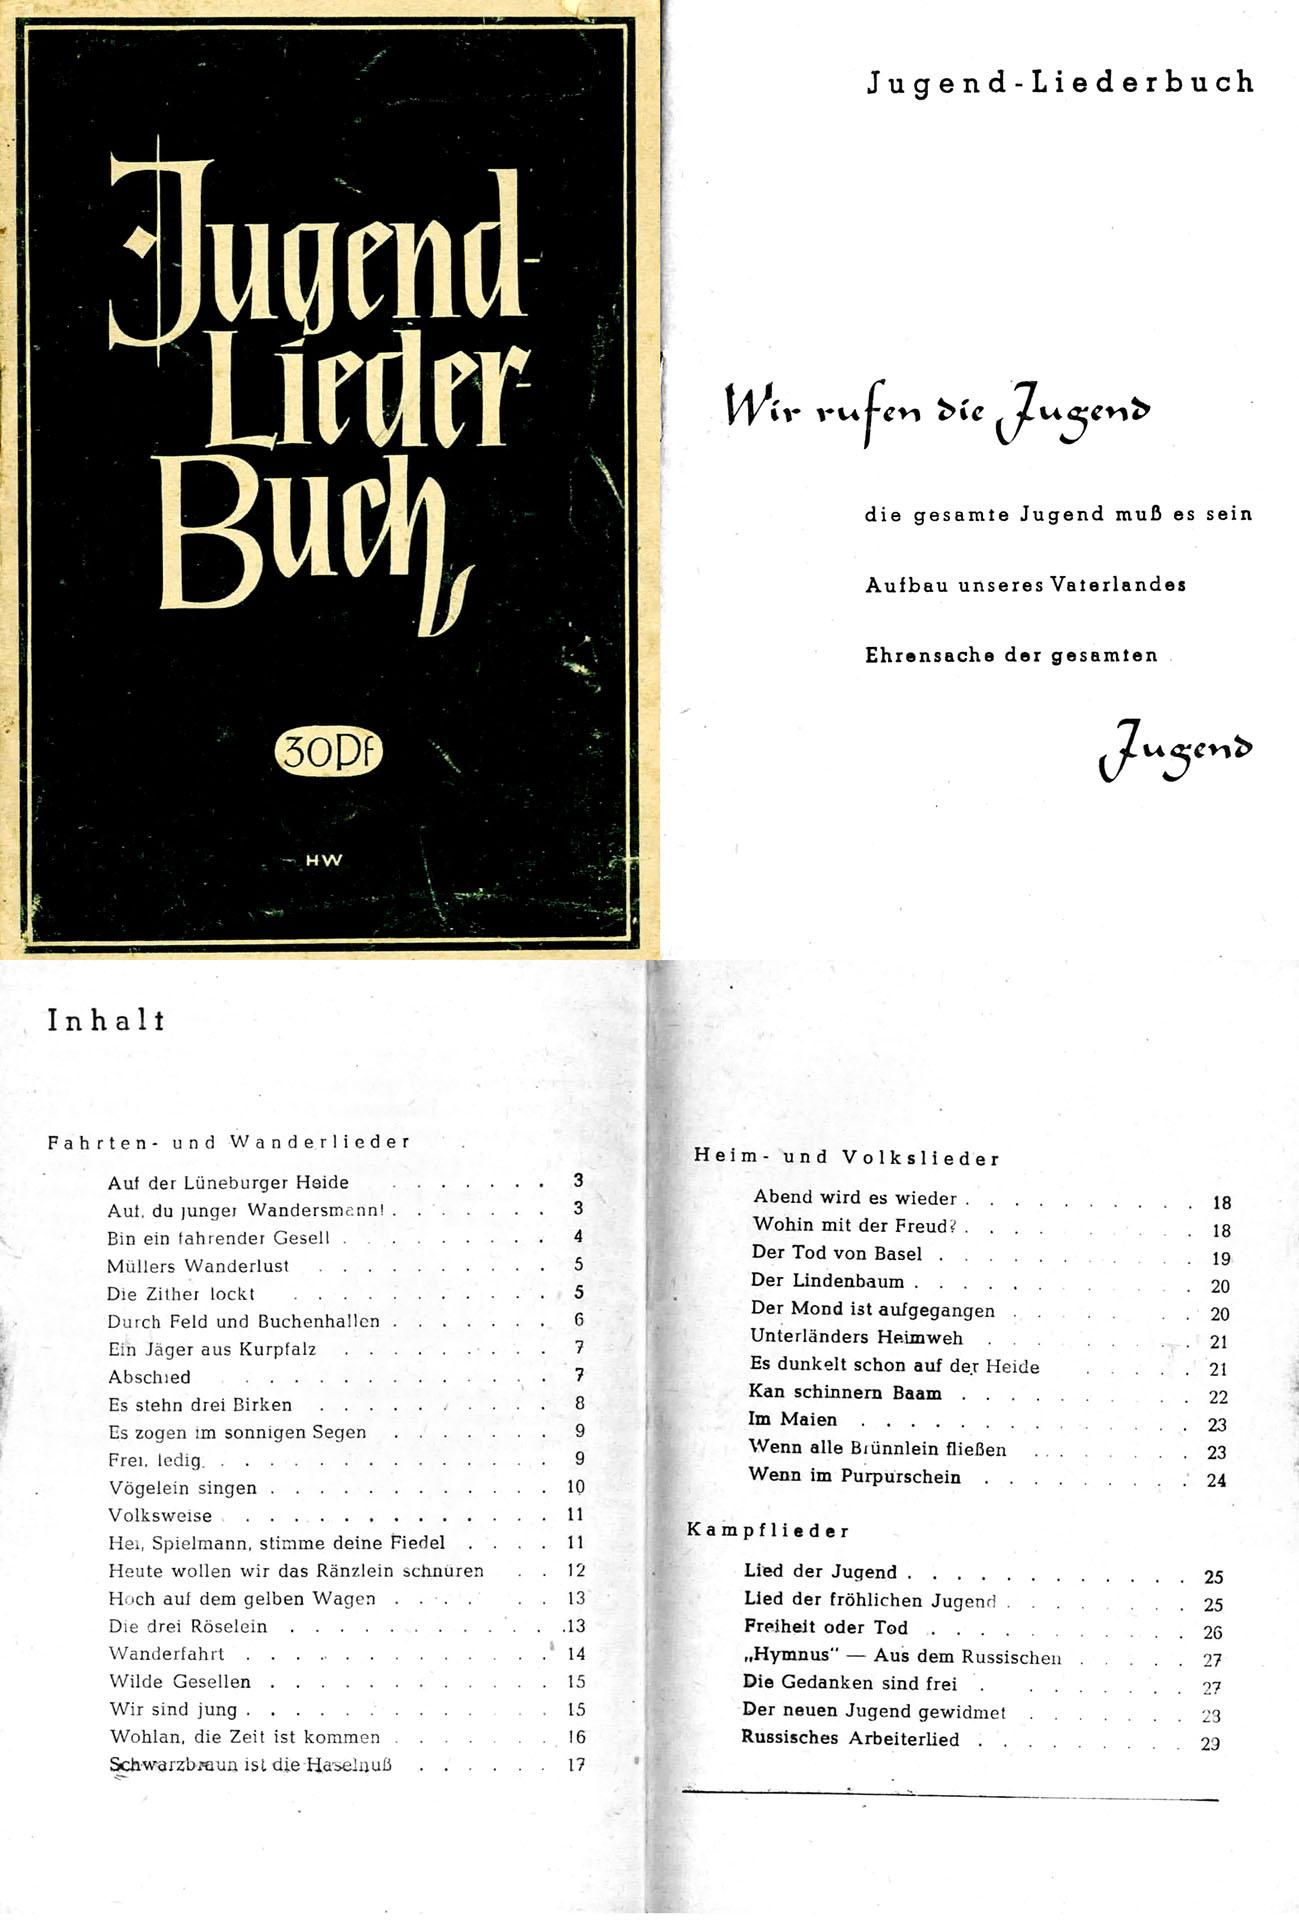 Jugendliederbuch